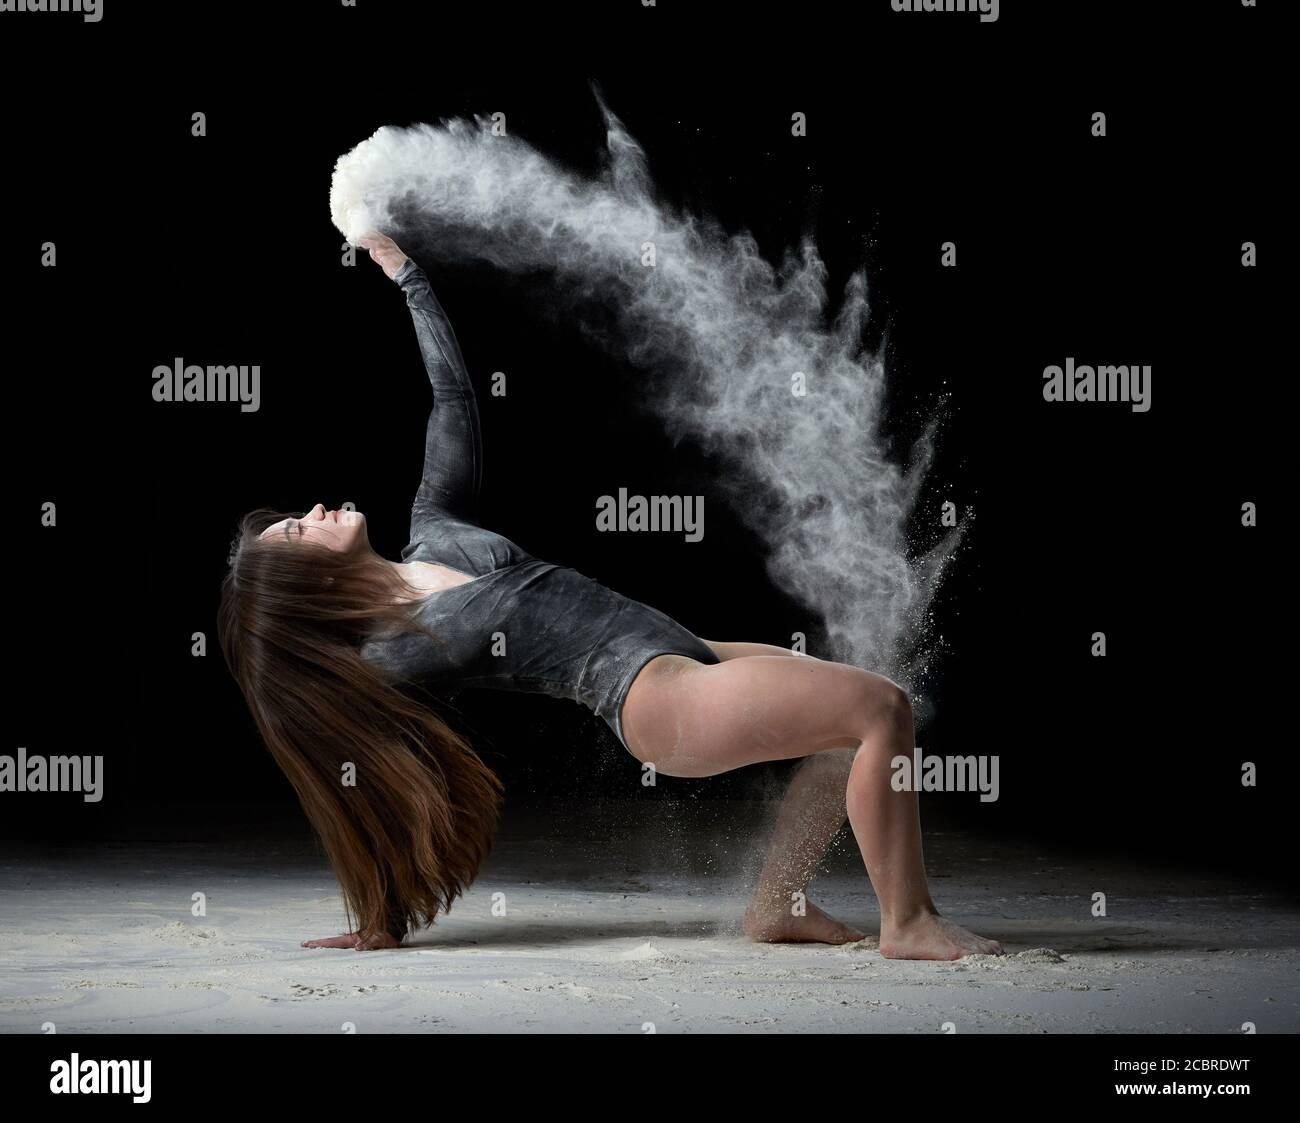 Junge schöne Frau mit langen Haaren ist in einem Sport schwarzen Body gekleidet und sitzt auf dem Boden und wirft weißes Mehl über ihren schwarzen Hintergrund Stockfoto